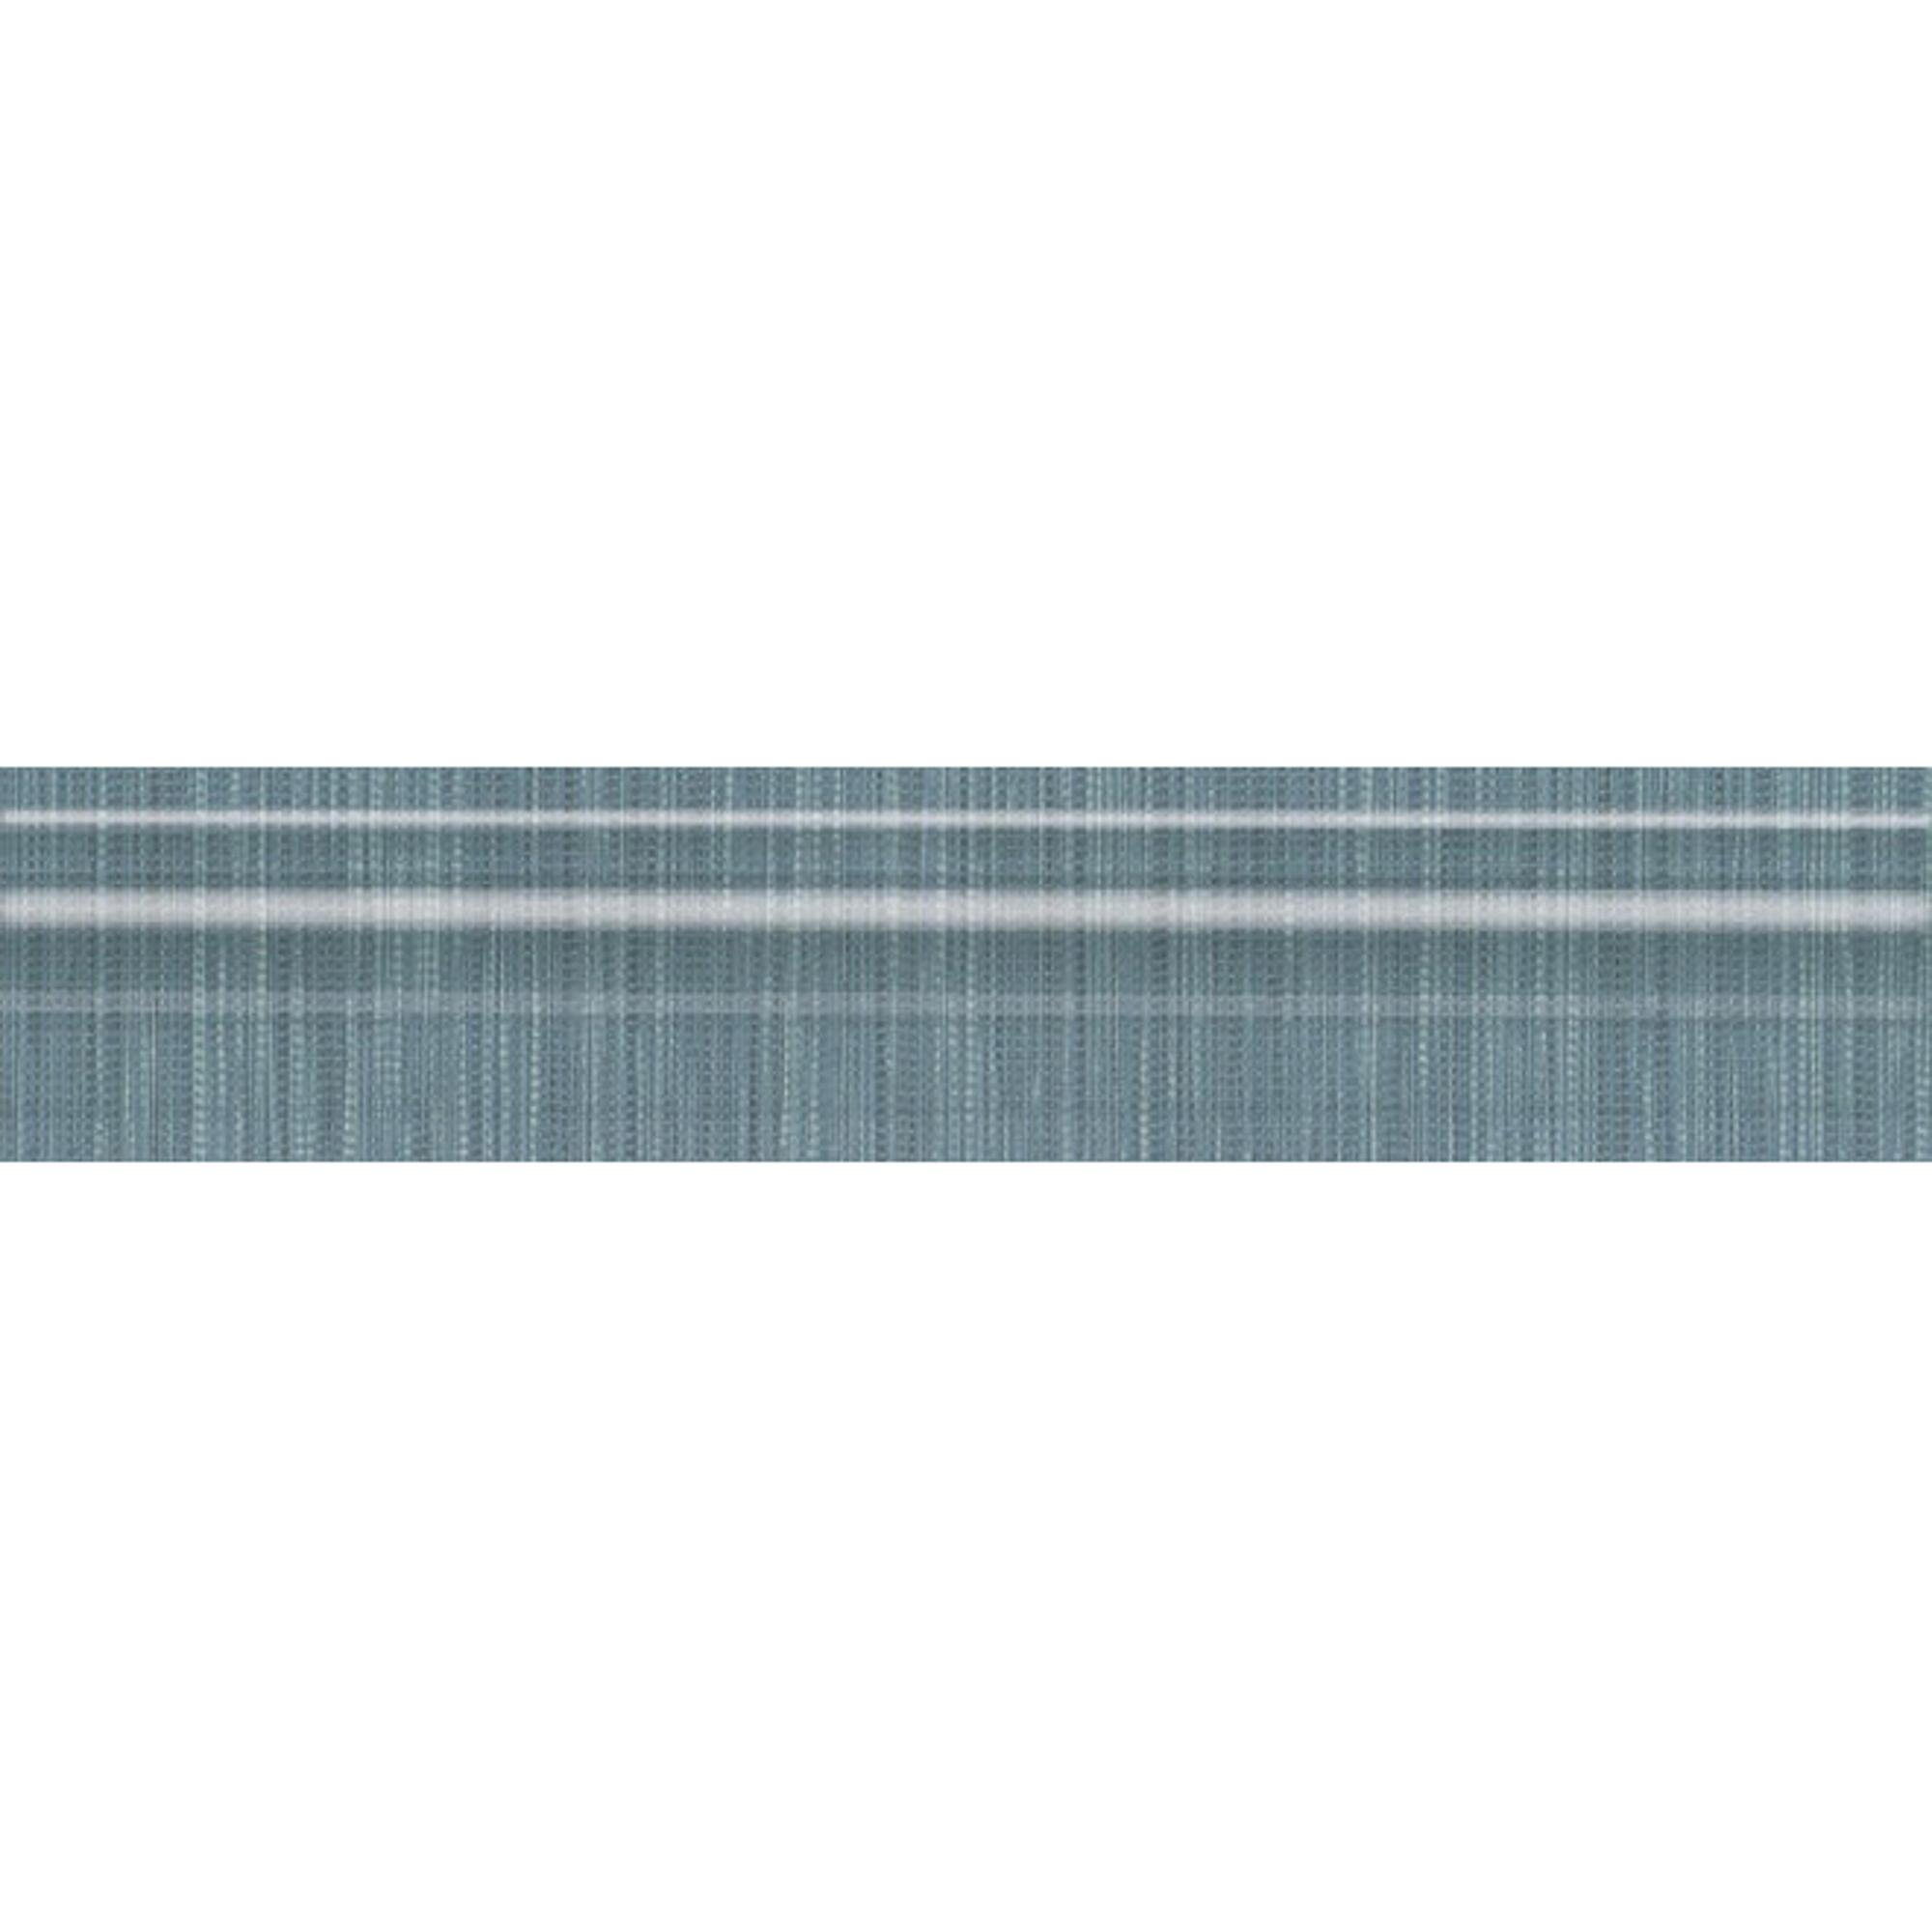 Бордюр Kerama Marazzi Пальмовый лес синий 25x5,5 см BLE012 недорого